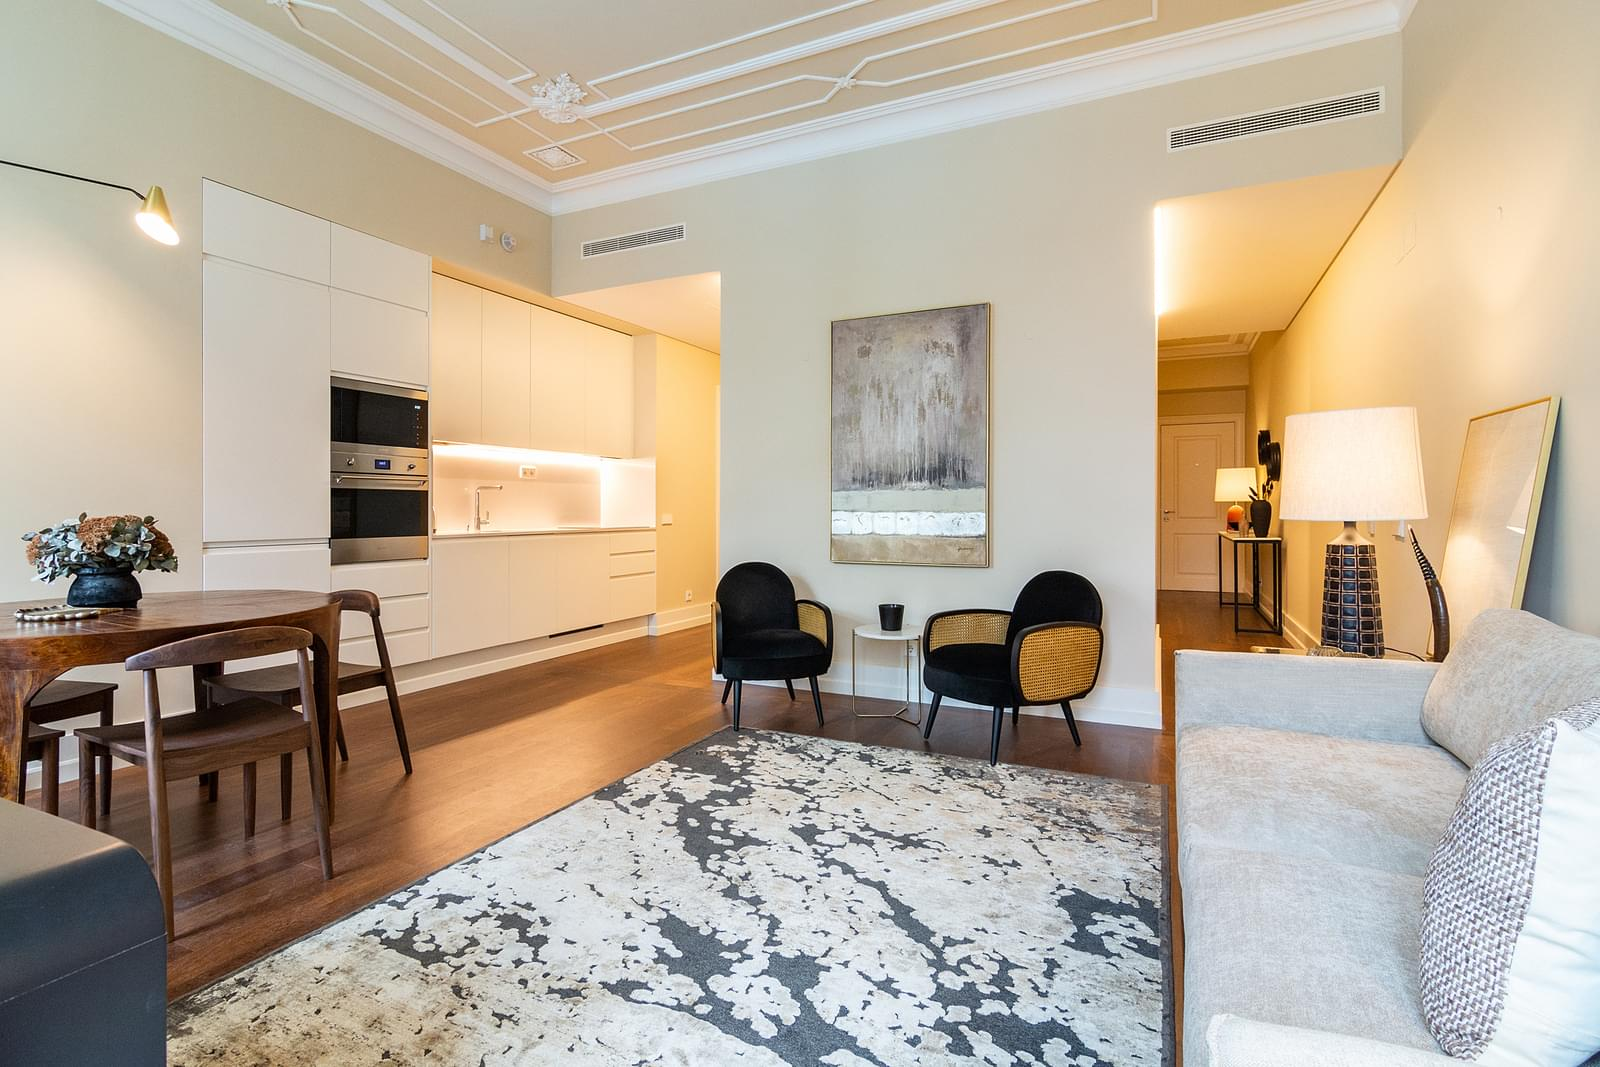 pf19003-apartamento-t2-lisboa-f2b0dbe5-eac3-47d9-b843-8aeffb7fed96